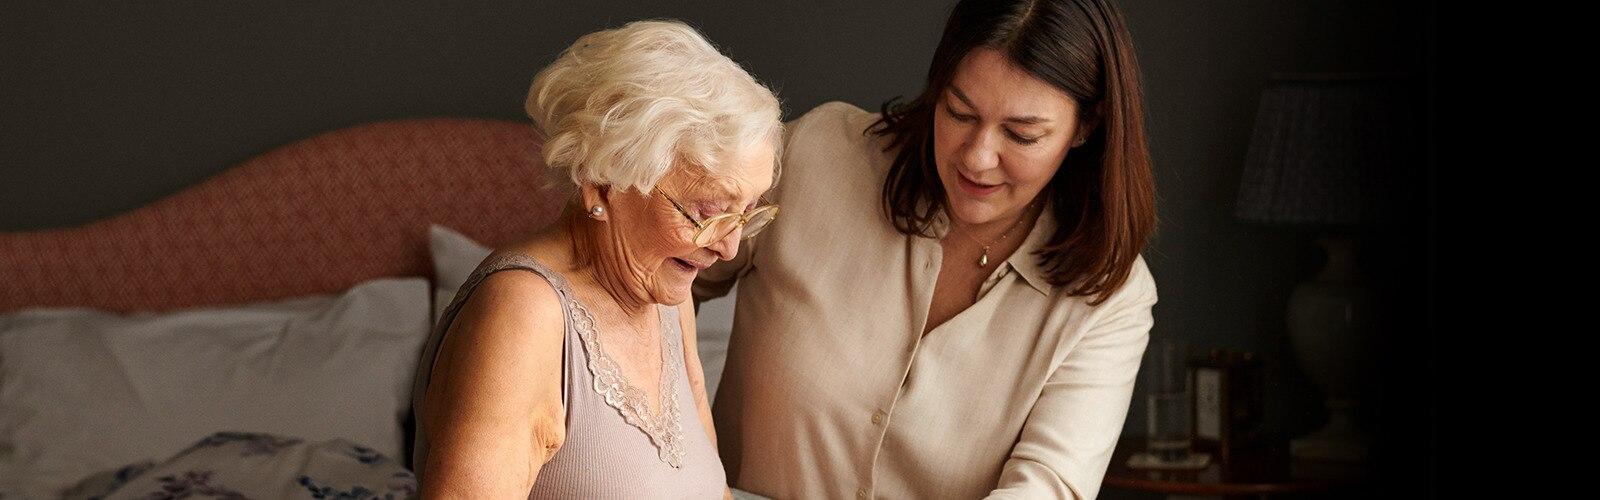 žena starajúca sa o mamu